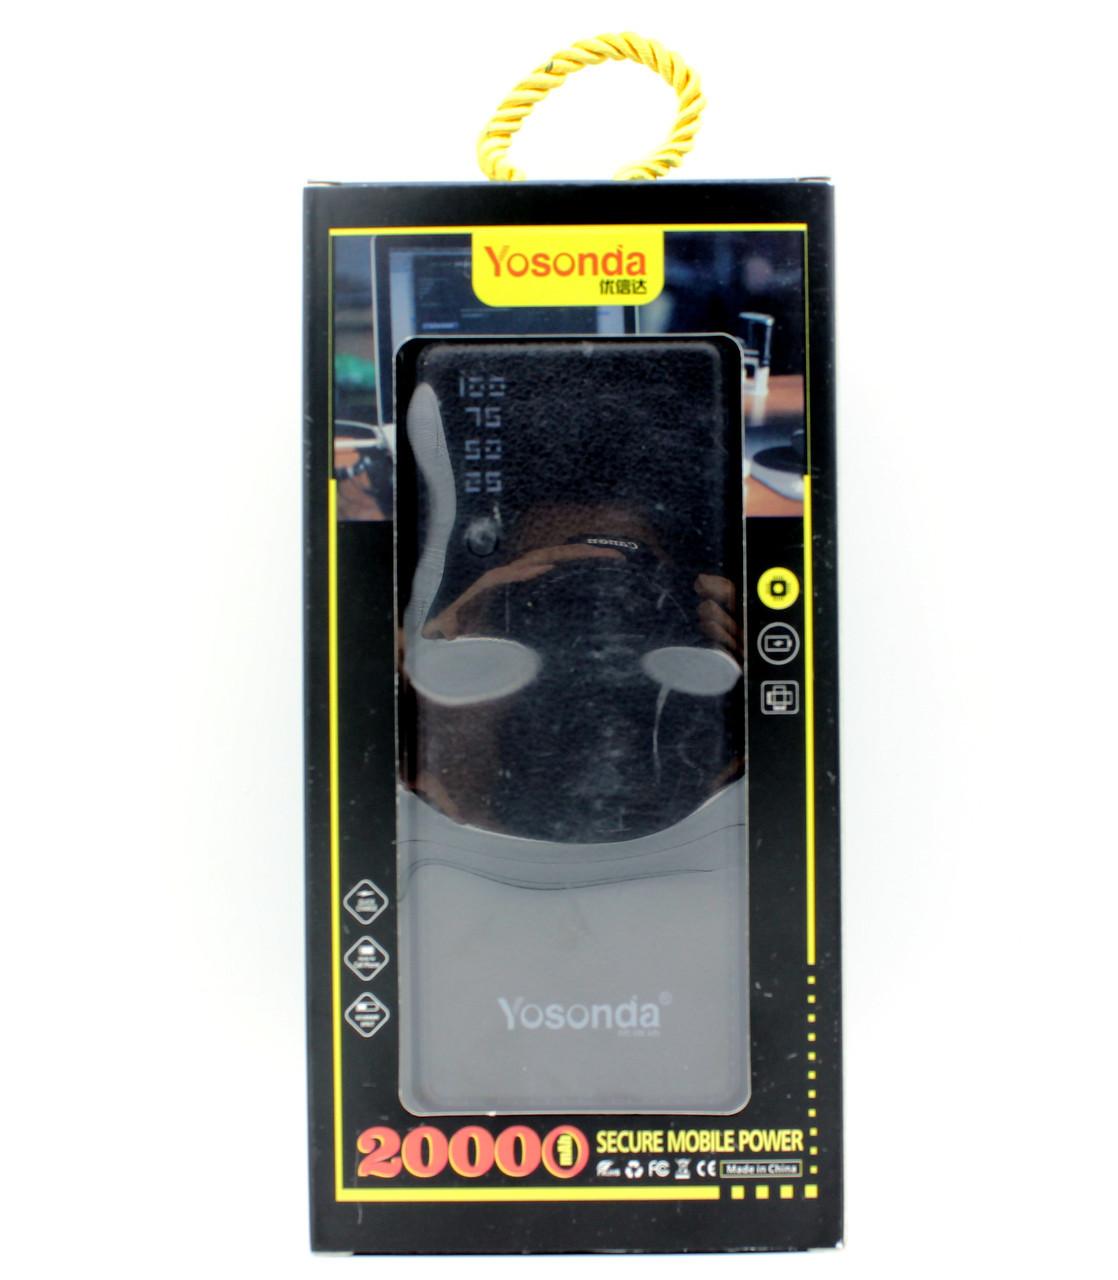 Power Bank Yosonda YXD-A10 20000 mAh (реальная емкость меньше)